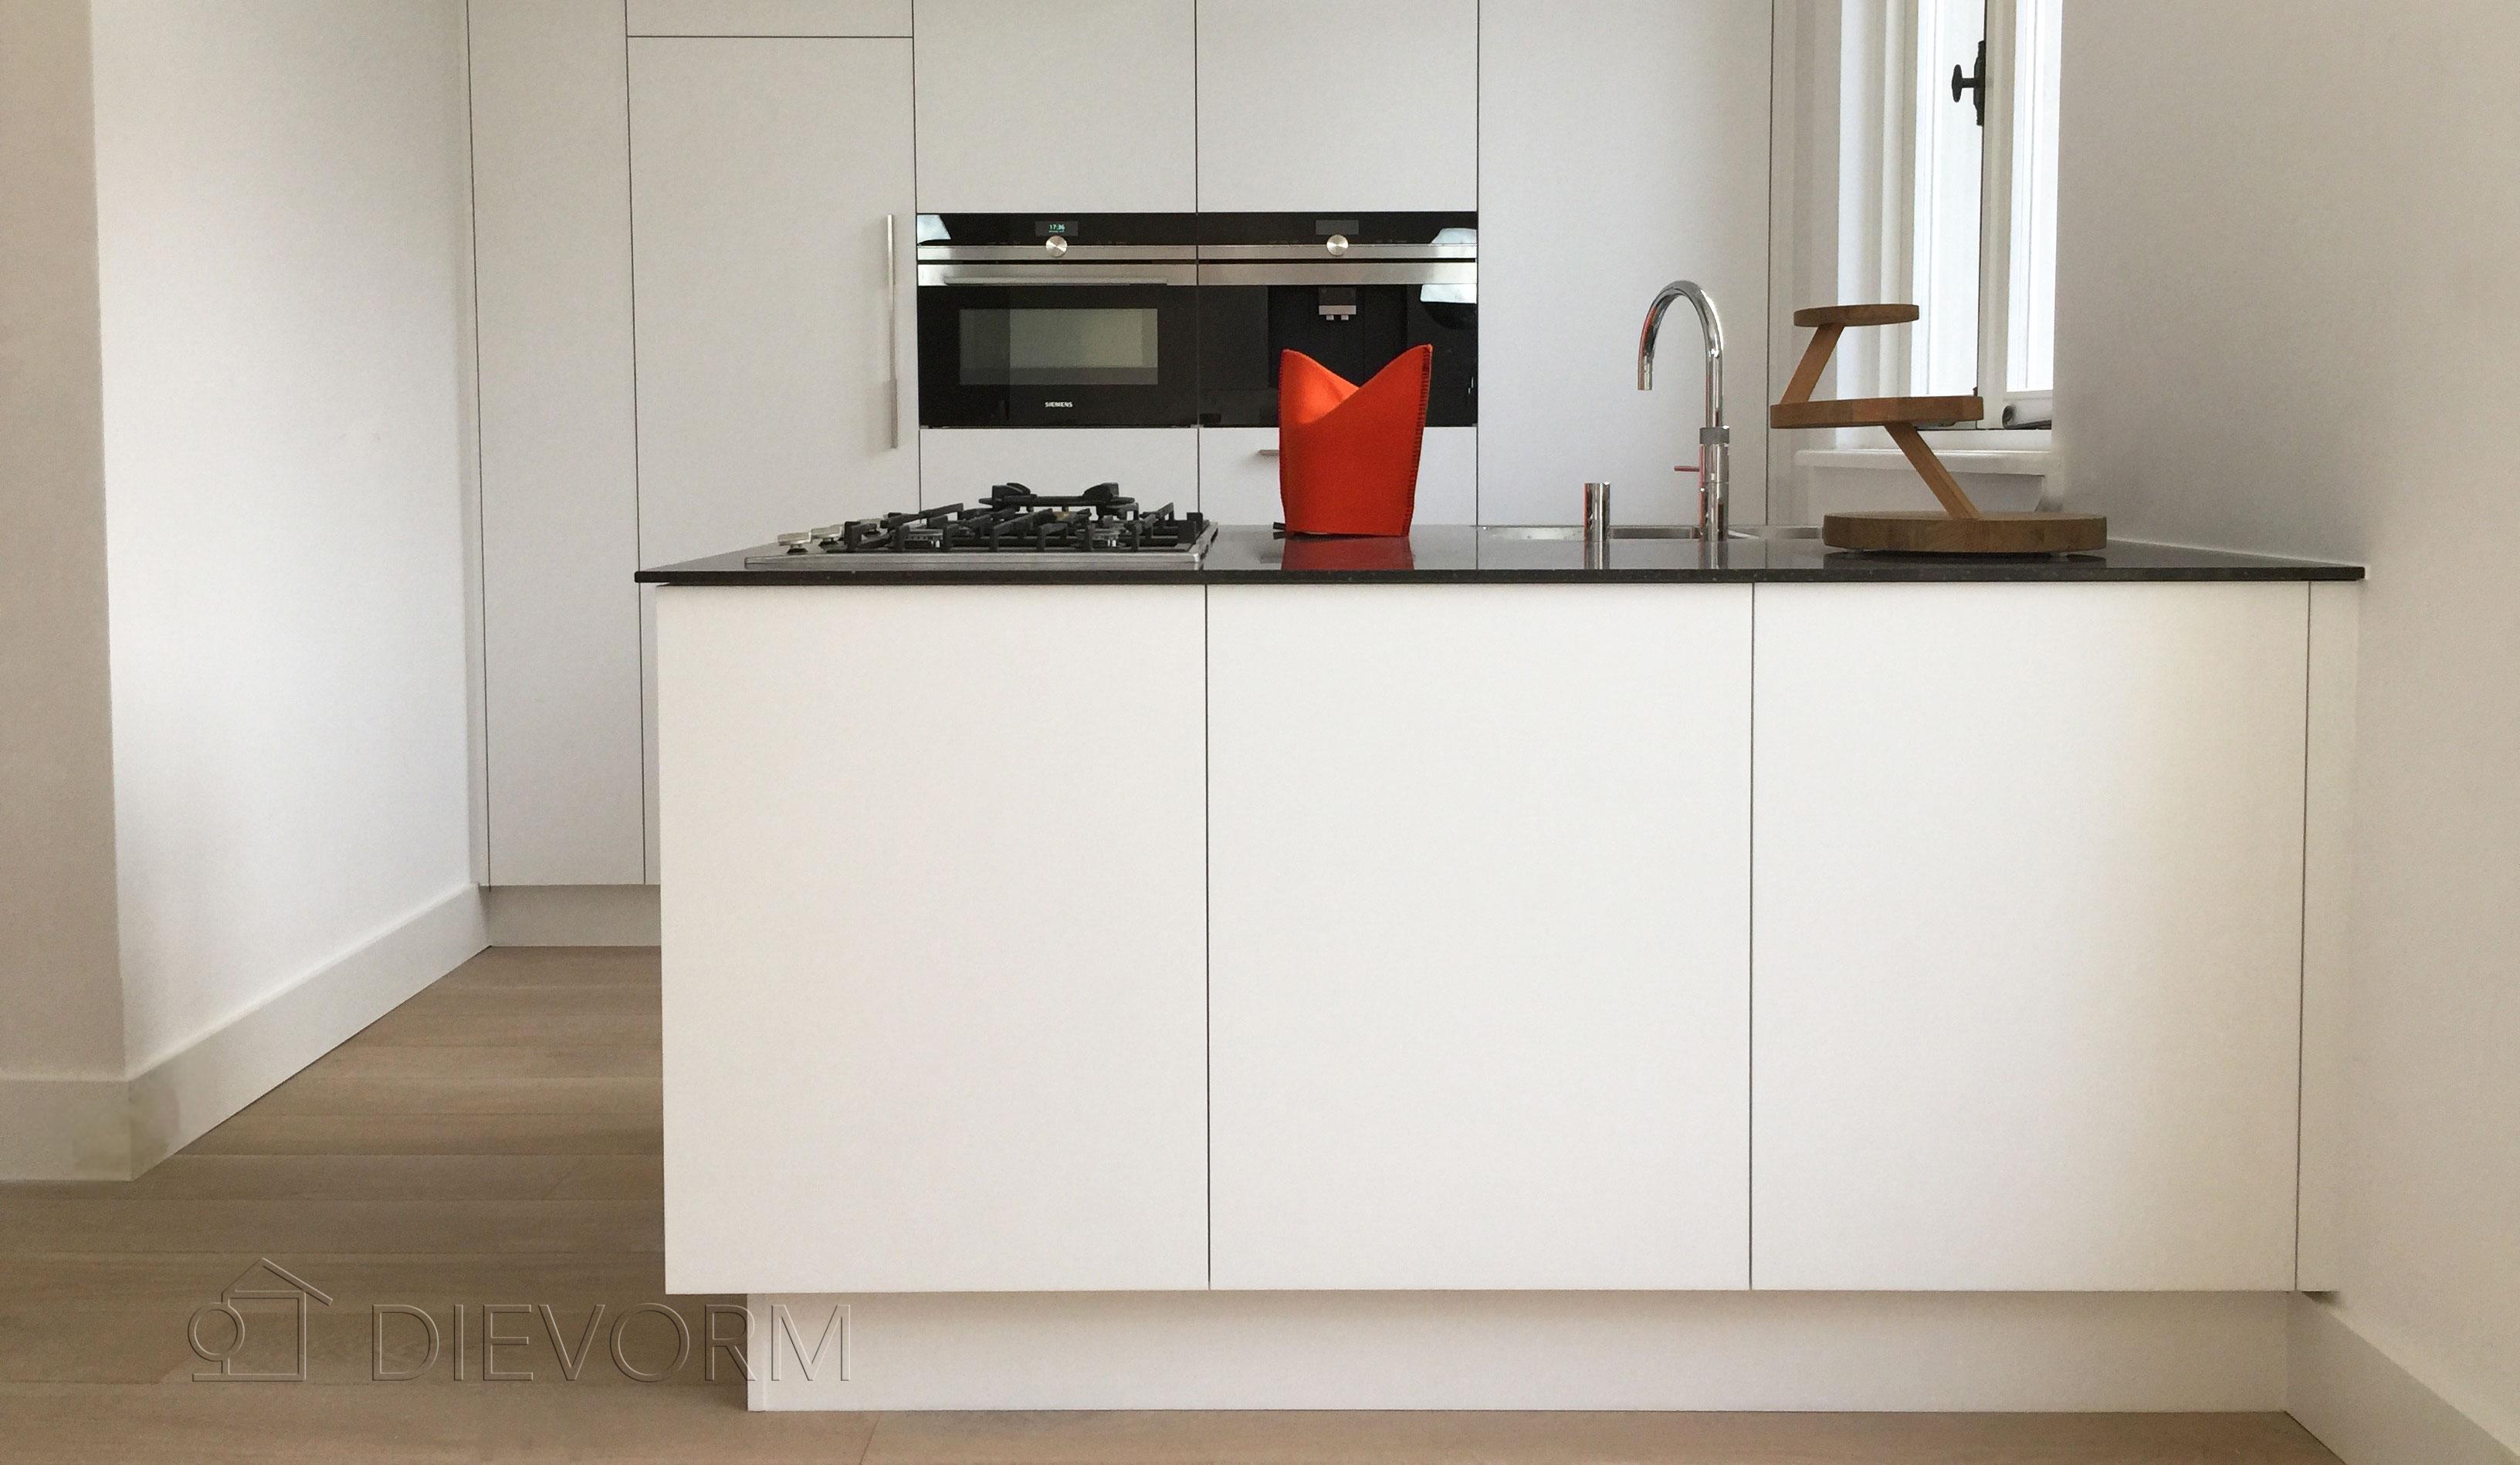 Keuken Schiereiland Met : Showroom keuken met schiereiland keukenhof sliedrecht